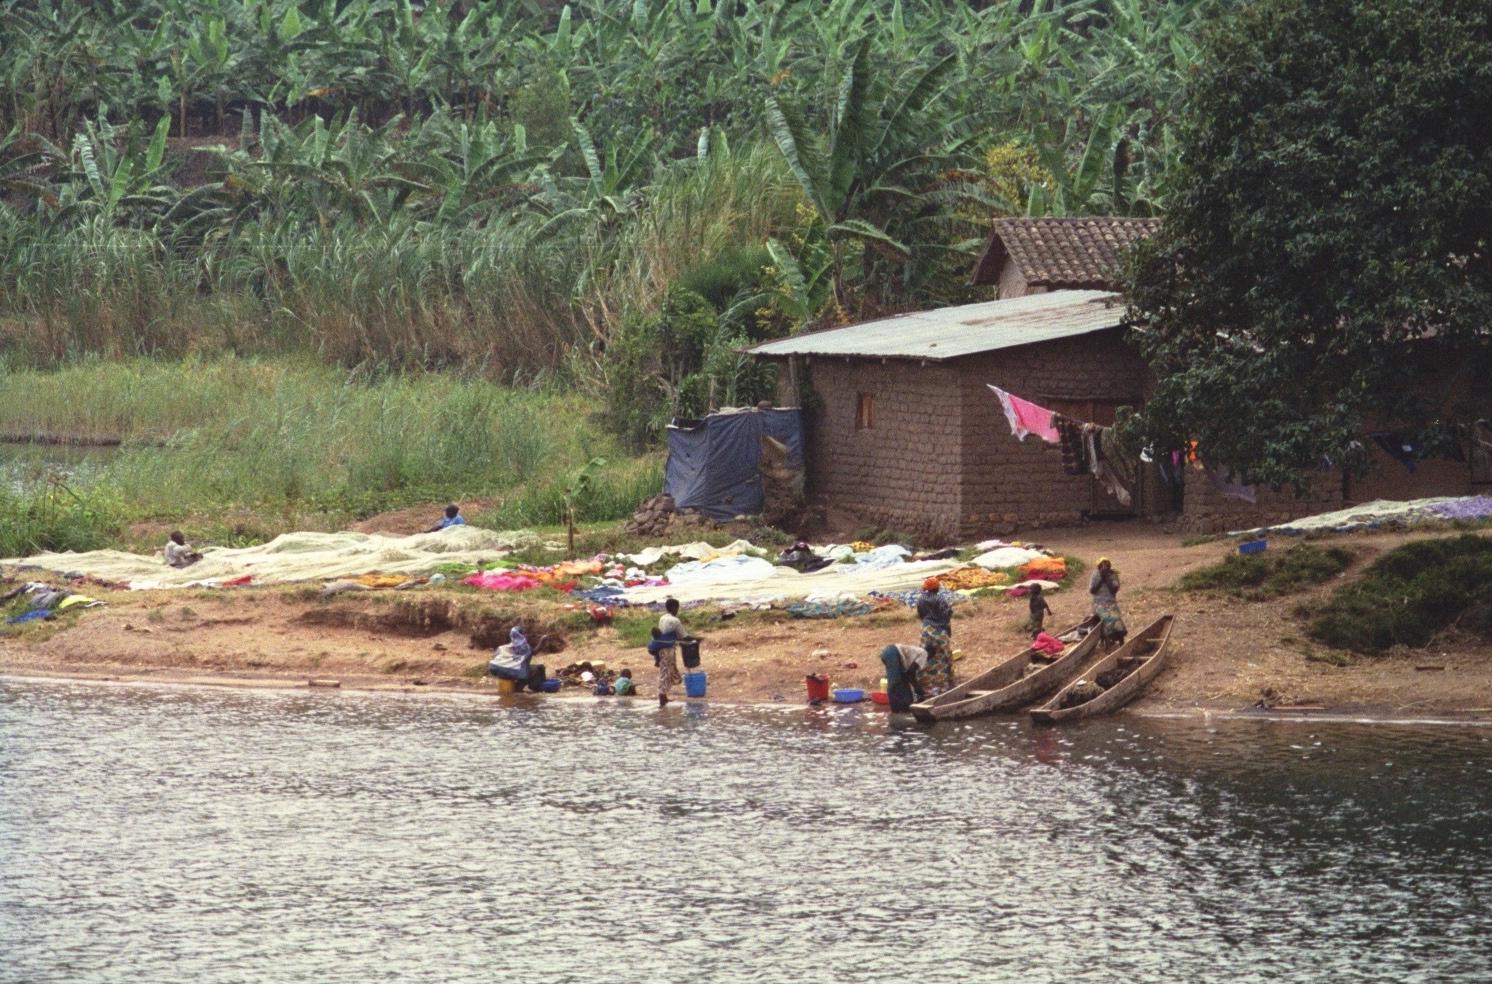 Lake_Kivu_shoreline_at_Gisenyi